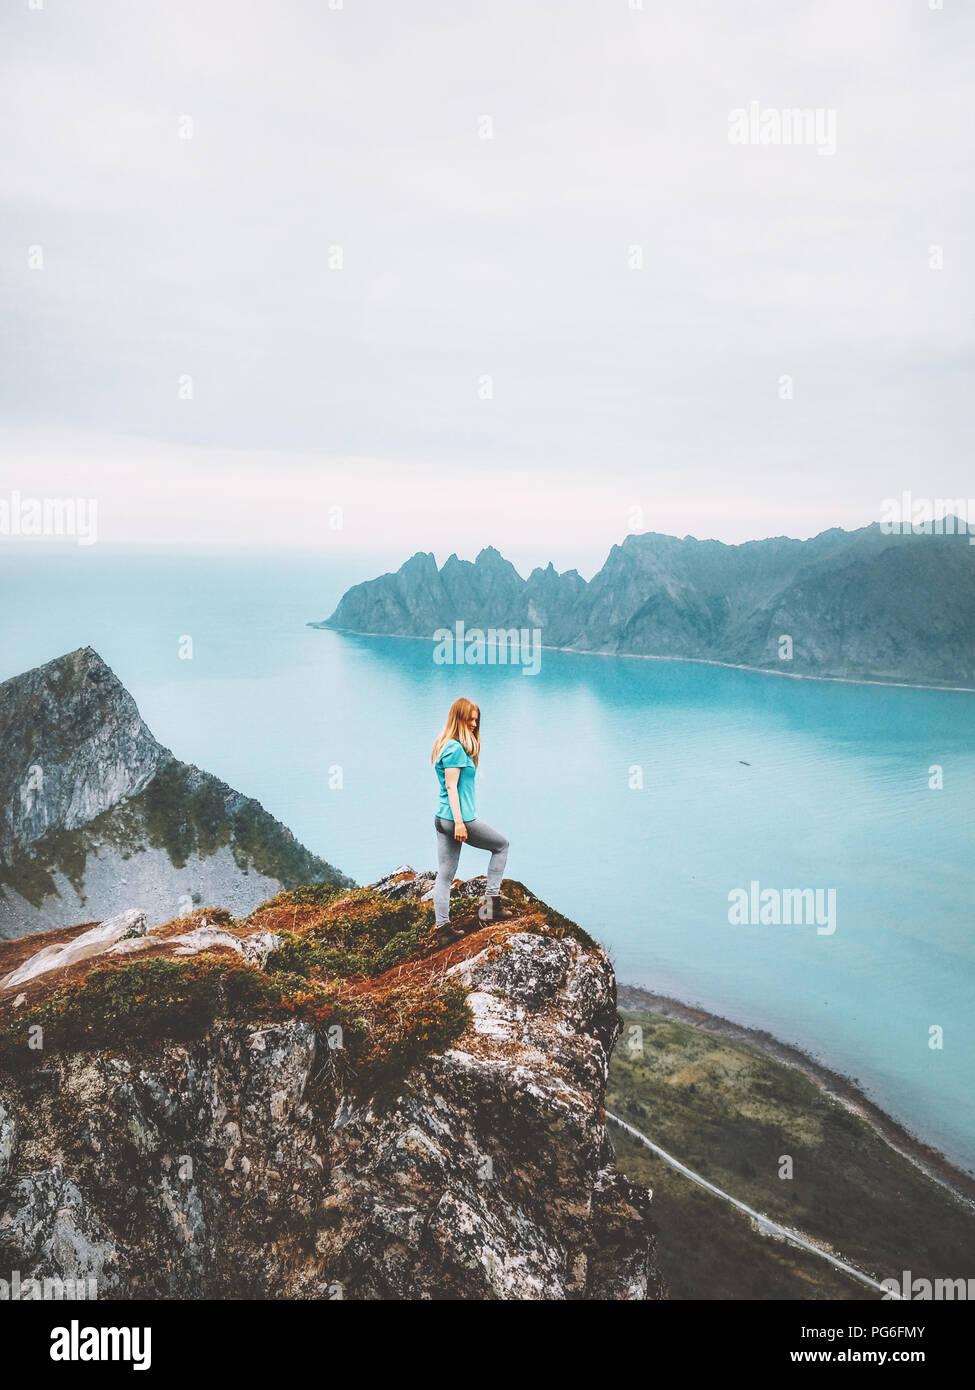 Vacanze estive viaggio donna traveler sulla scogliera di montagna sopra il livello del mare da sola escursione in Norvegia avventura lifestyle fuga per il fine settimana Immagini Stock